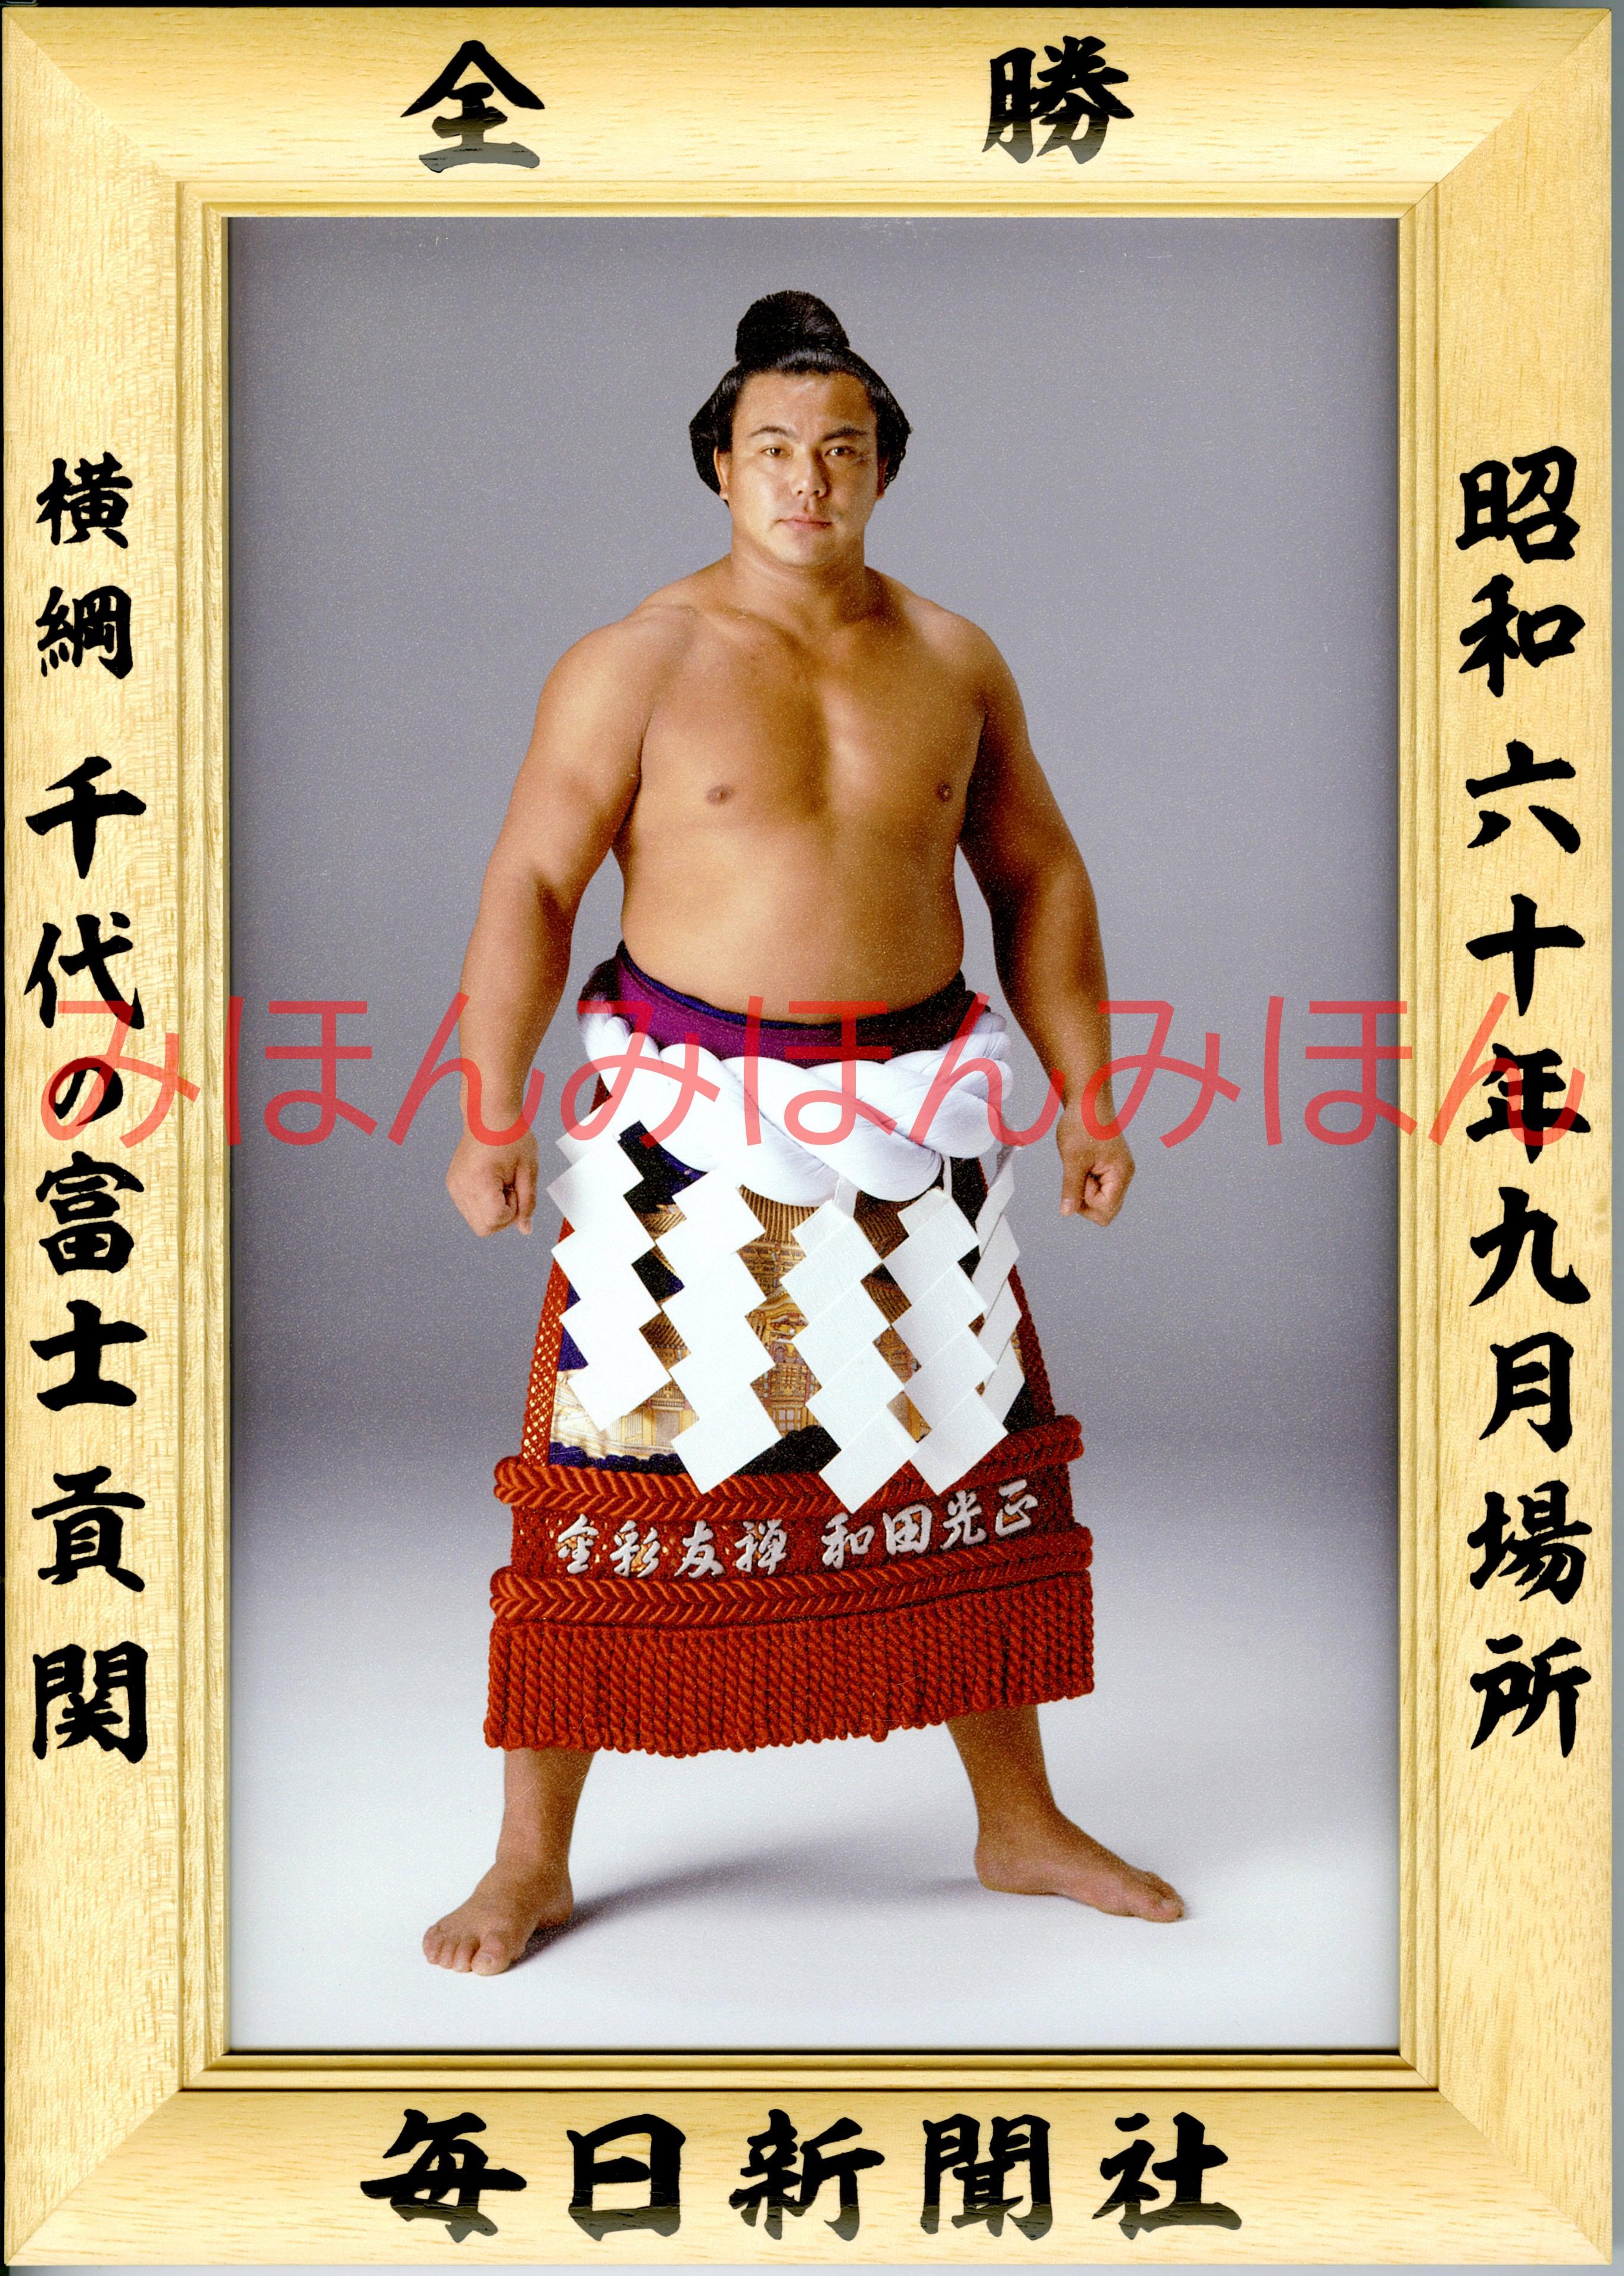 昭和60年9月場所全勝 横綱 千代の富士貢関(13回目の優勝)